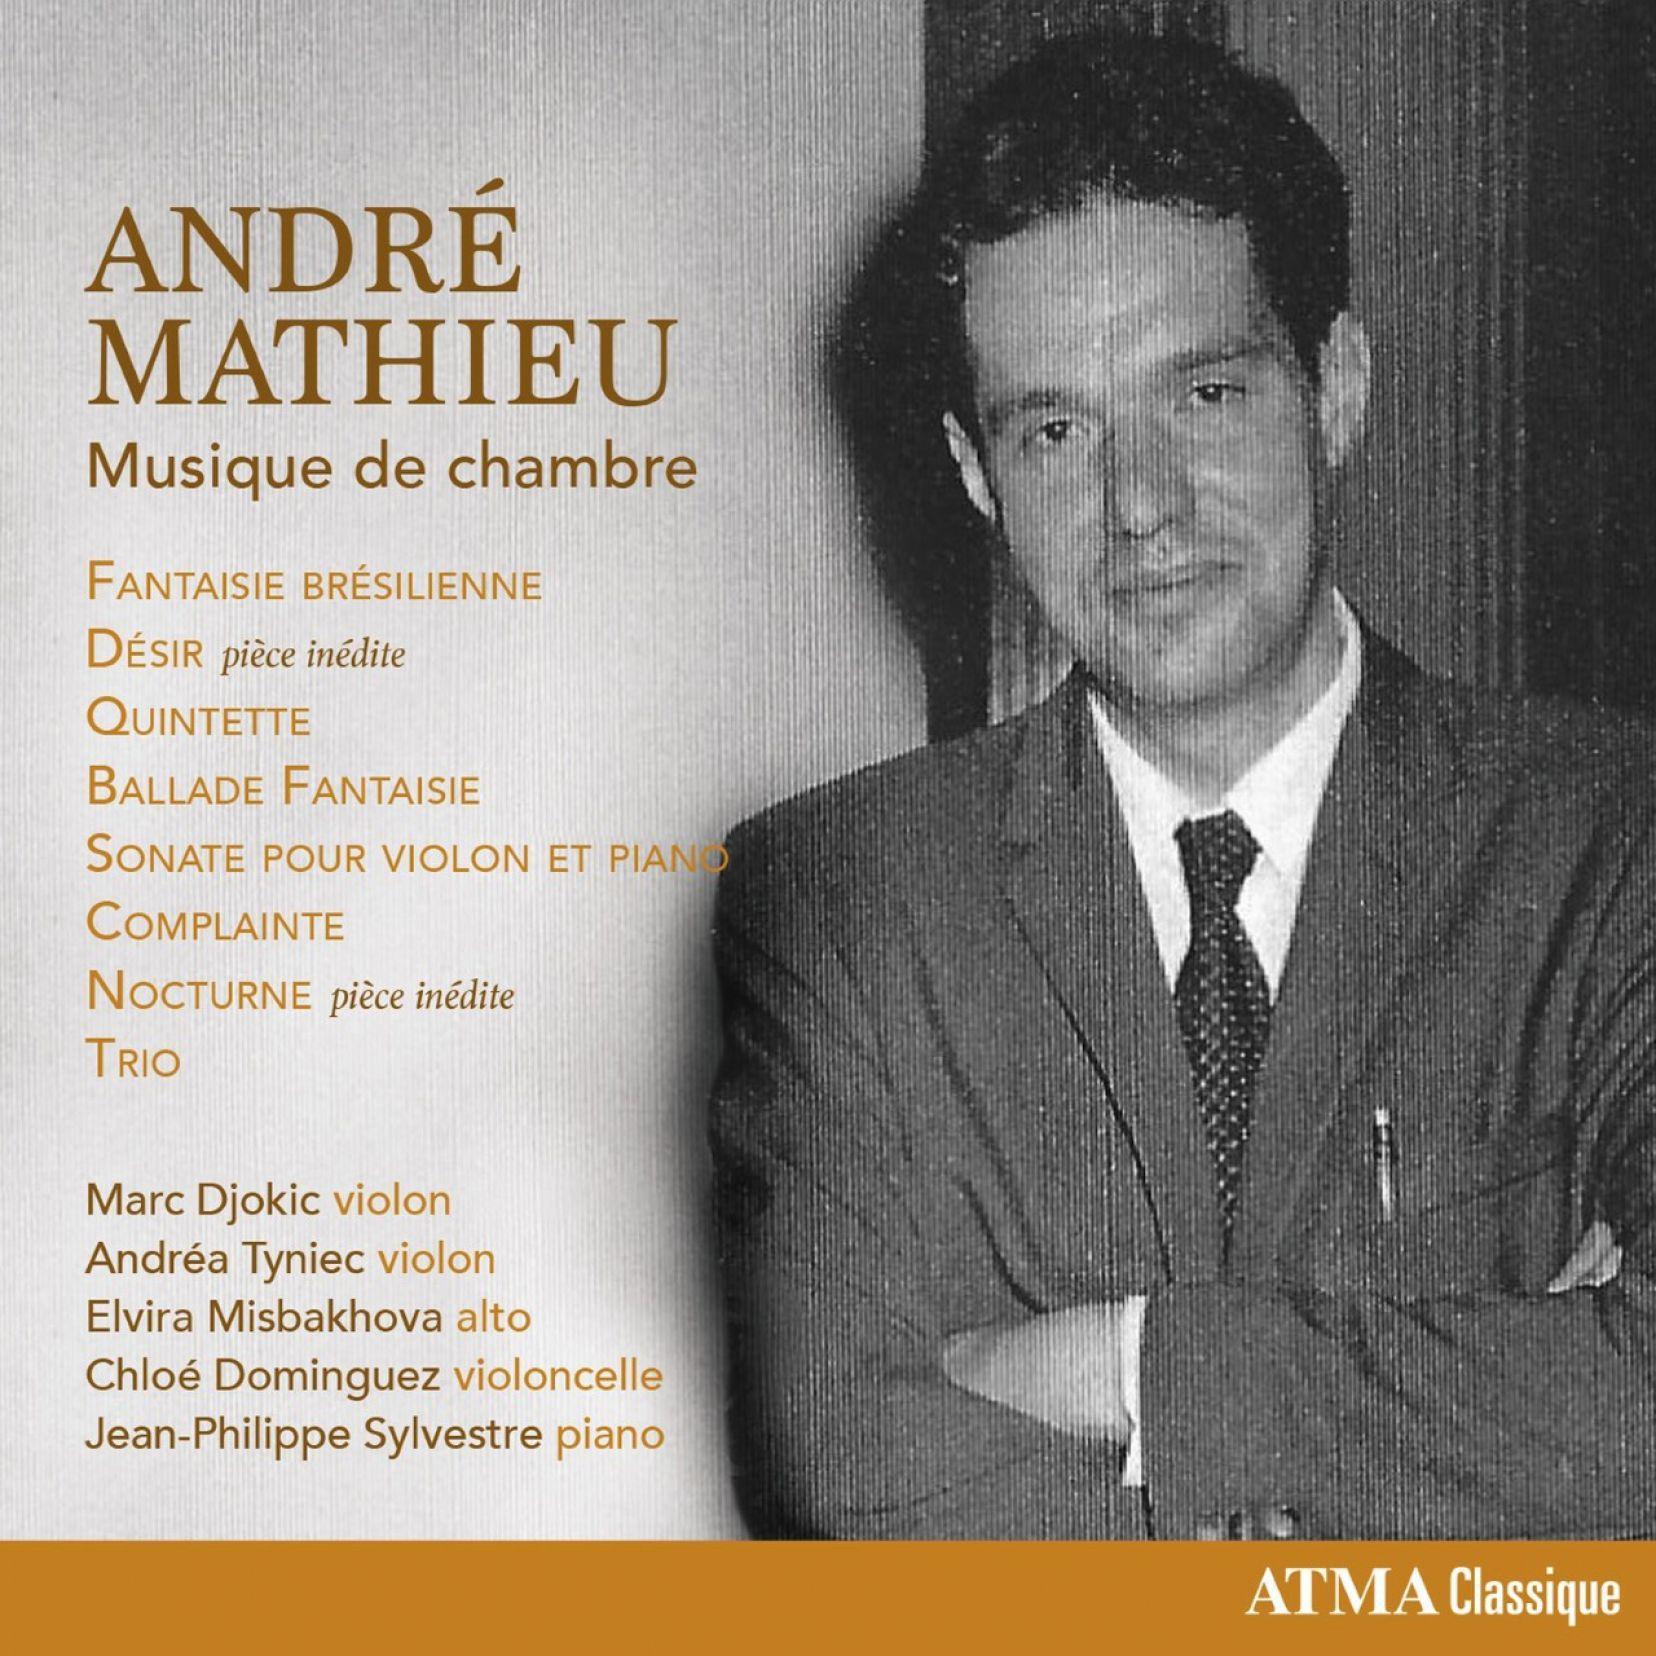 André Mathieu : Musique de chambre